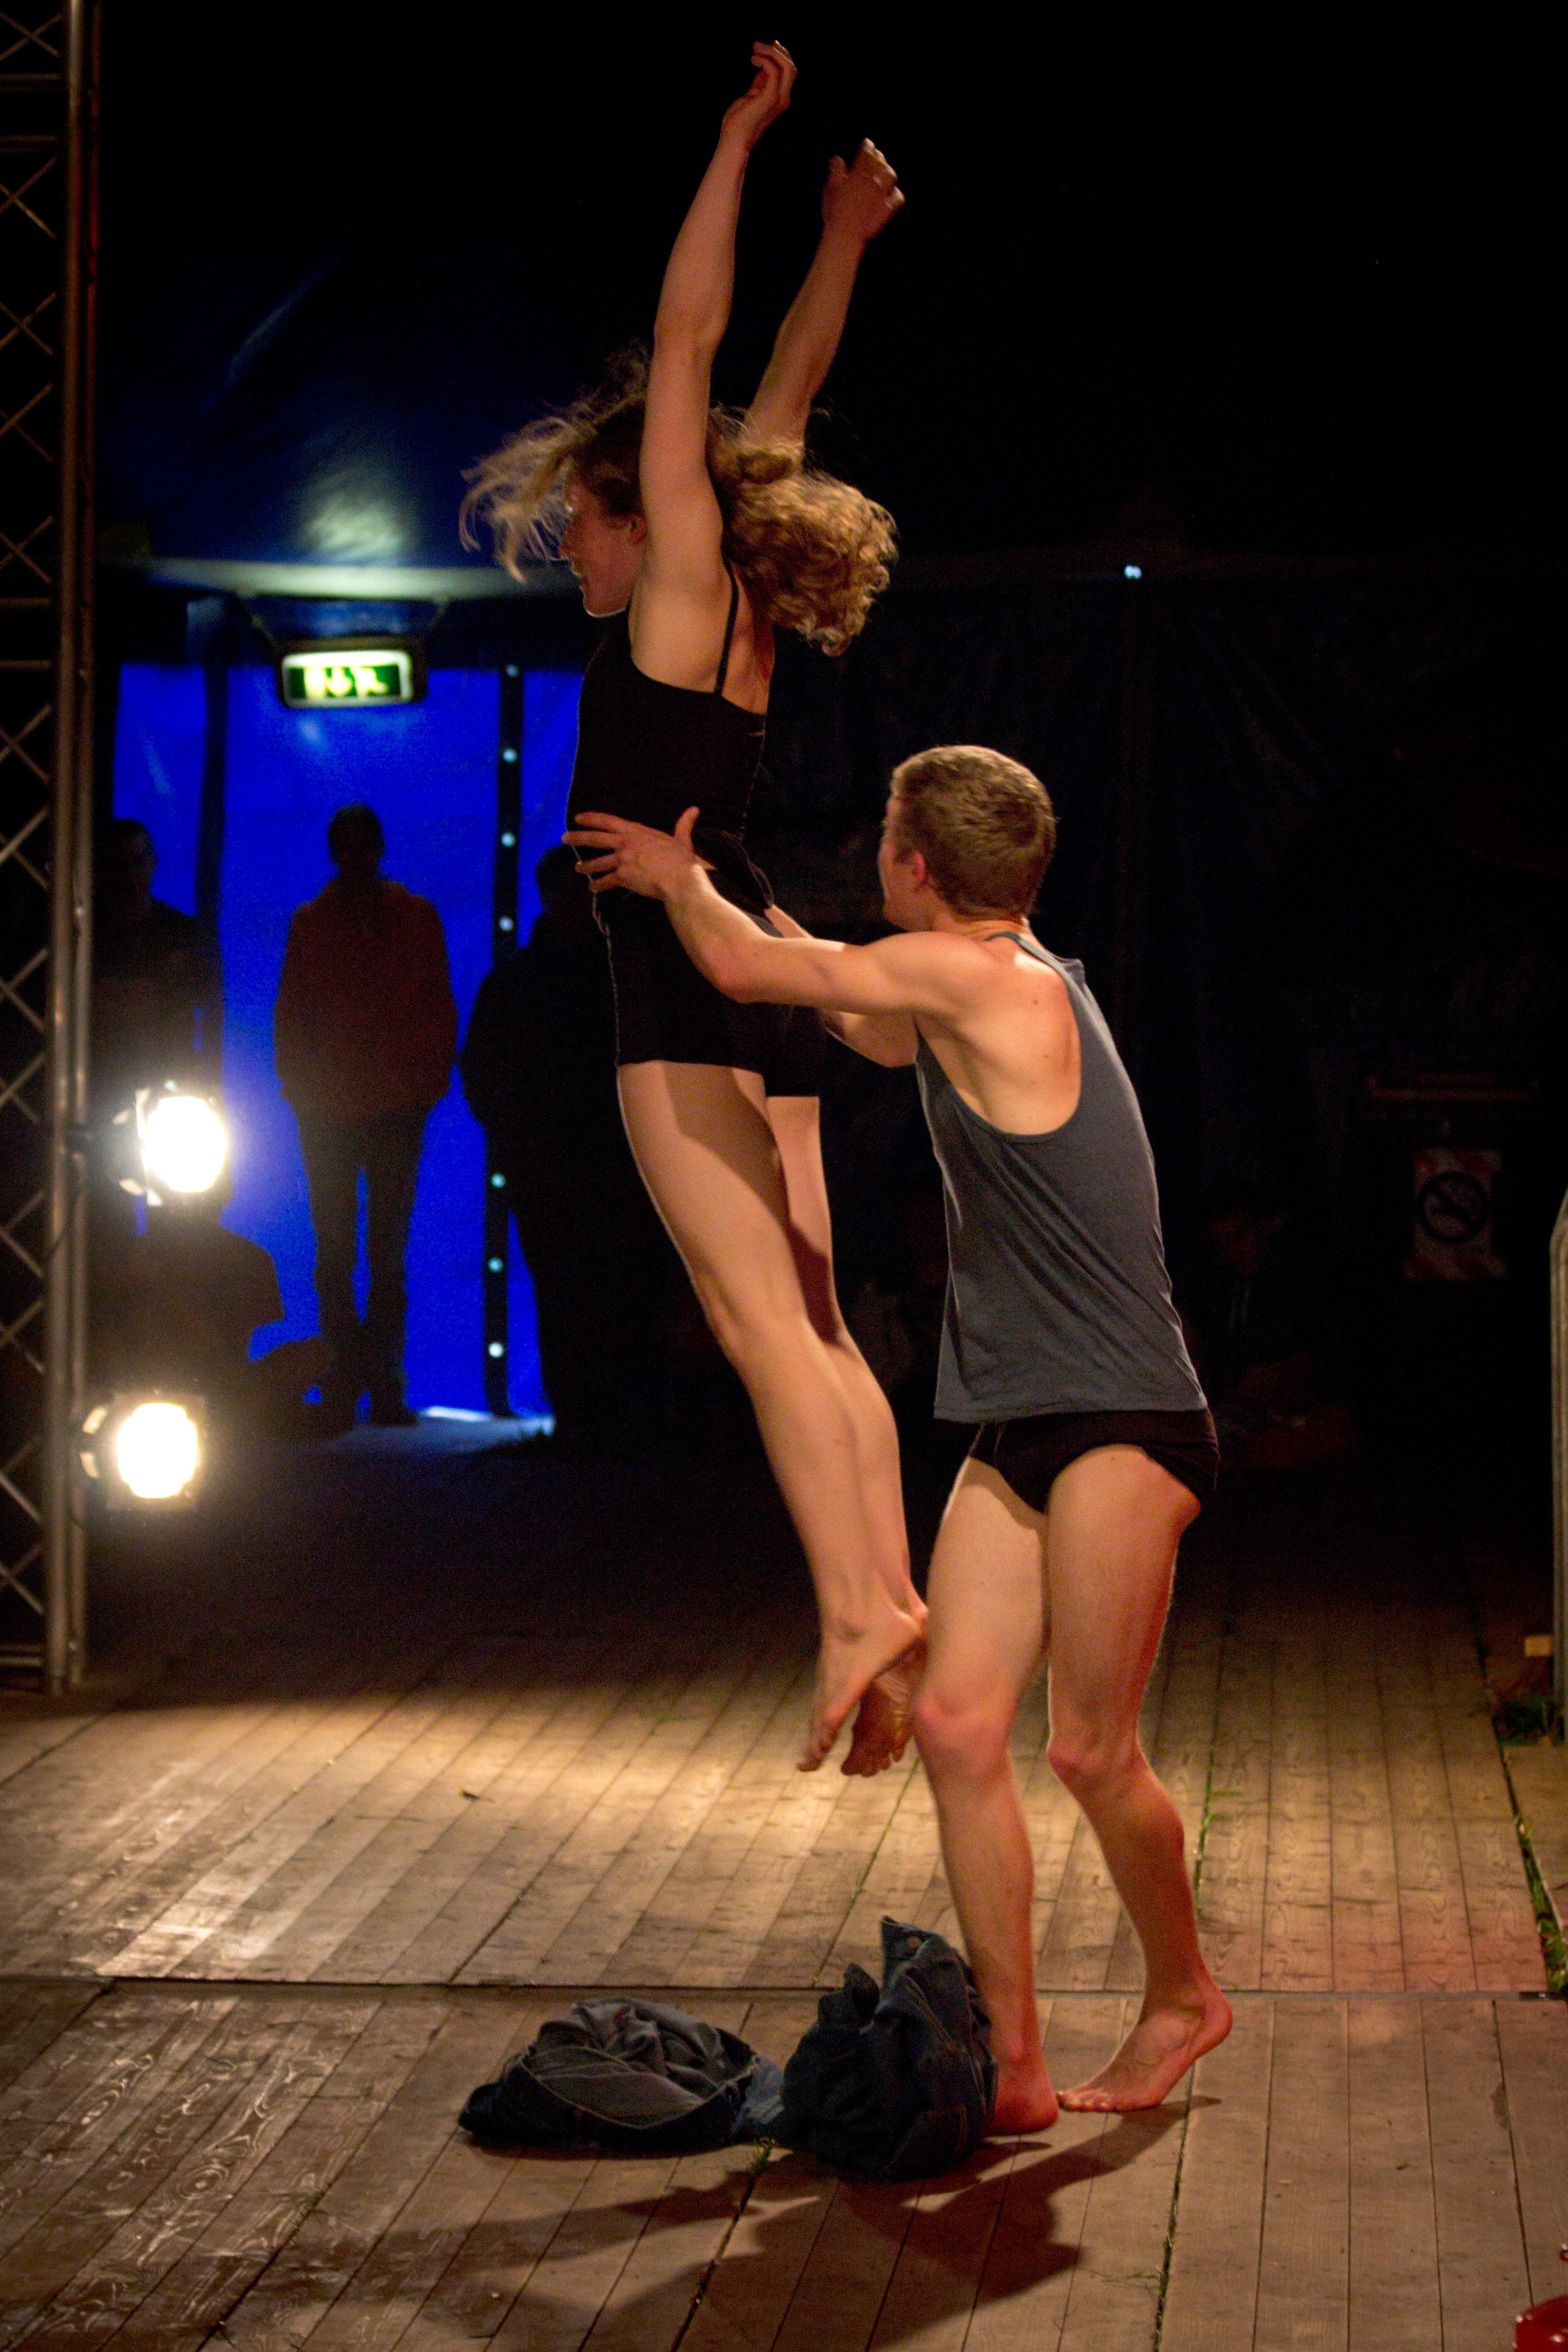 Nederlands Jongleer Festival 2013: Opening show with Circus Katoen.